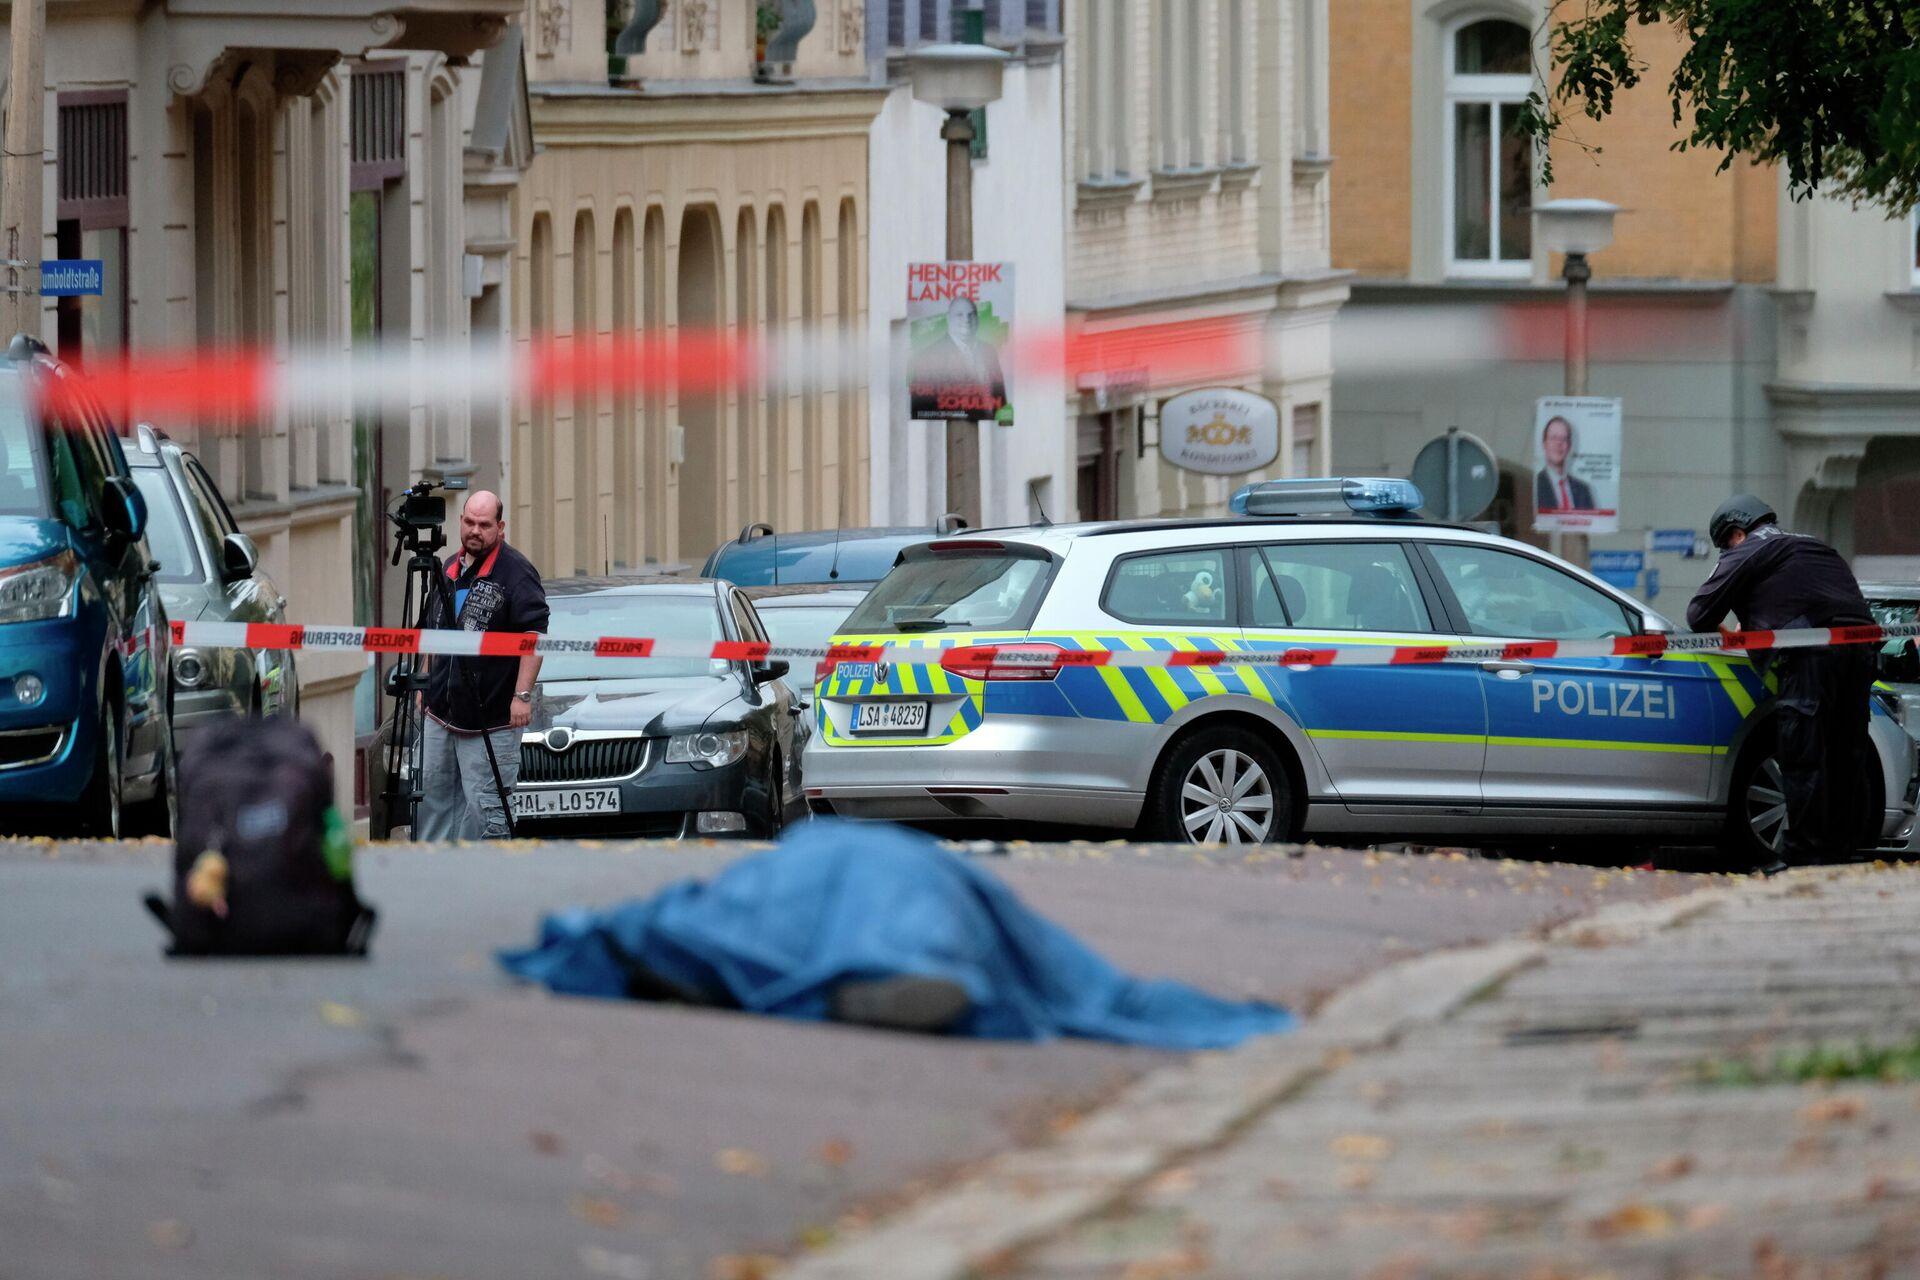 Сотрудники полиции на месте стрельбы в городе Галле, Германия. 9 октября 2019 - РИА Новости, 1920, 20.01.2021